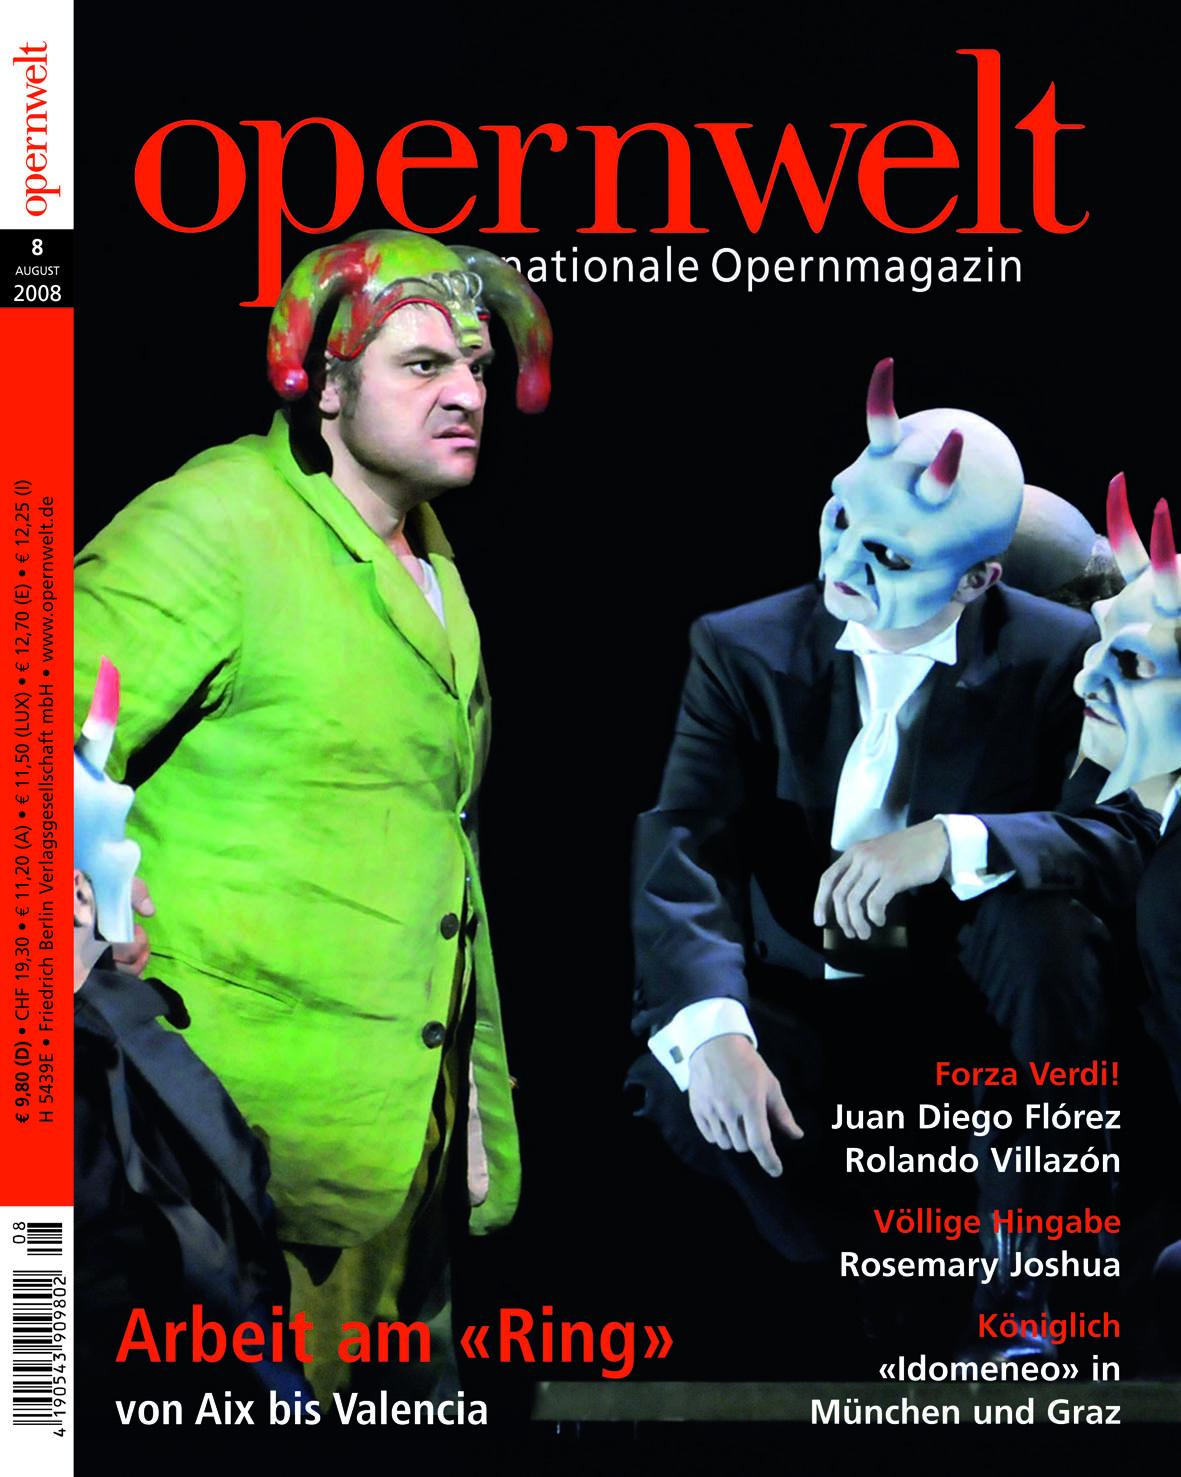 Opernwelt August (8/2008)